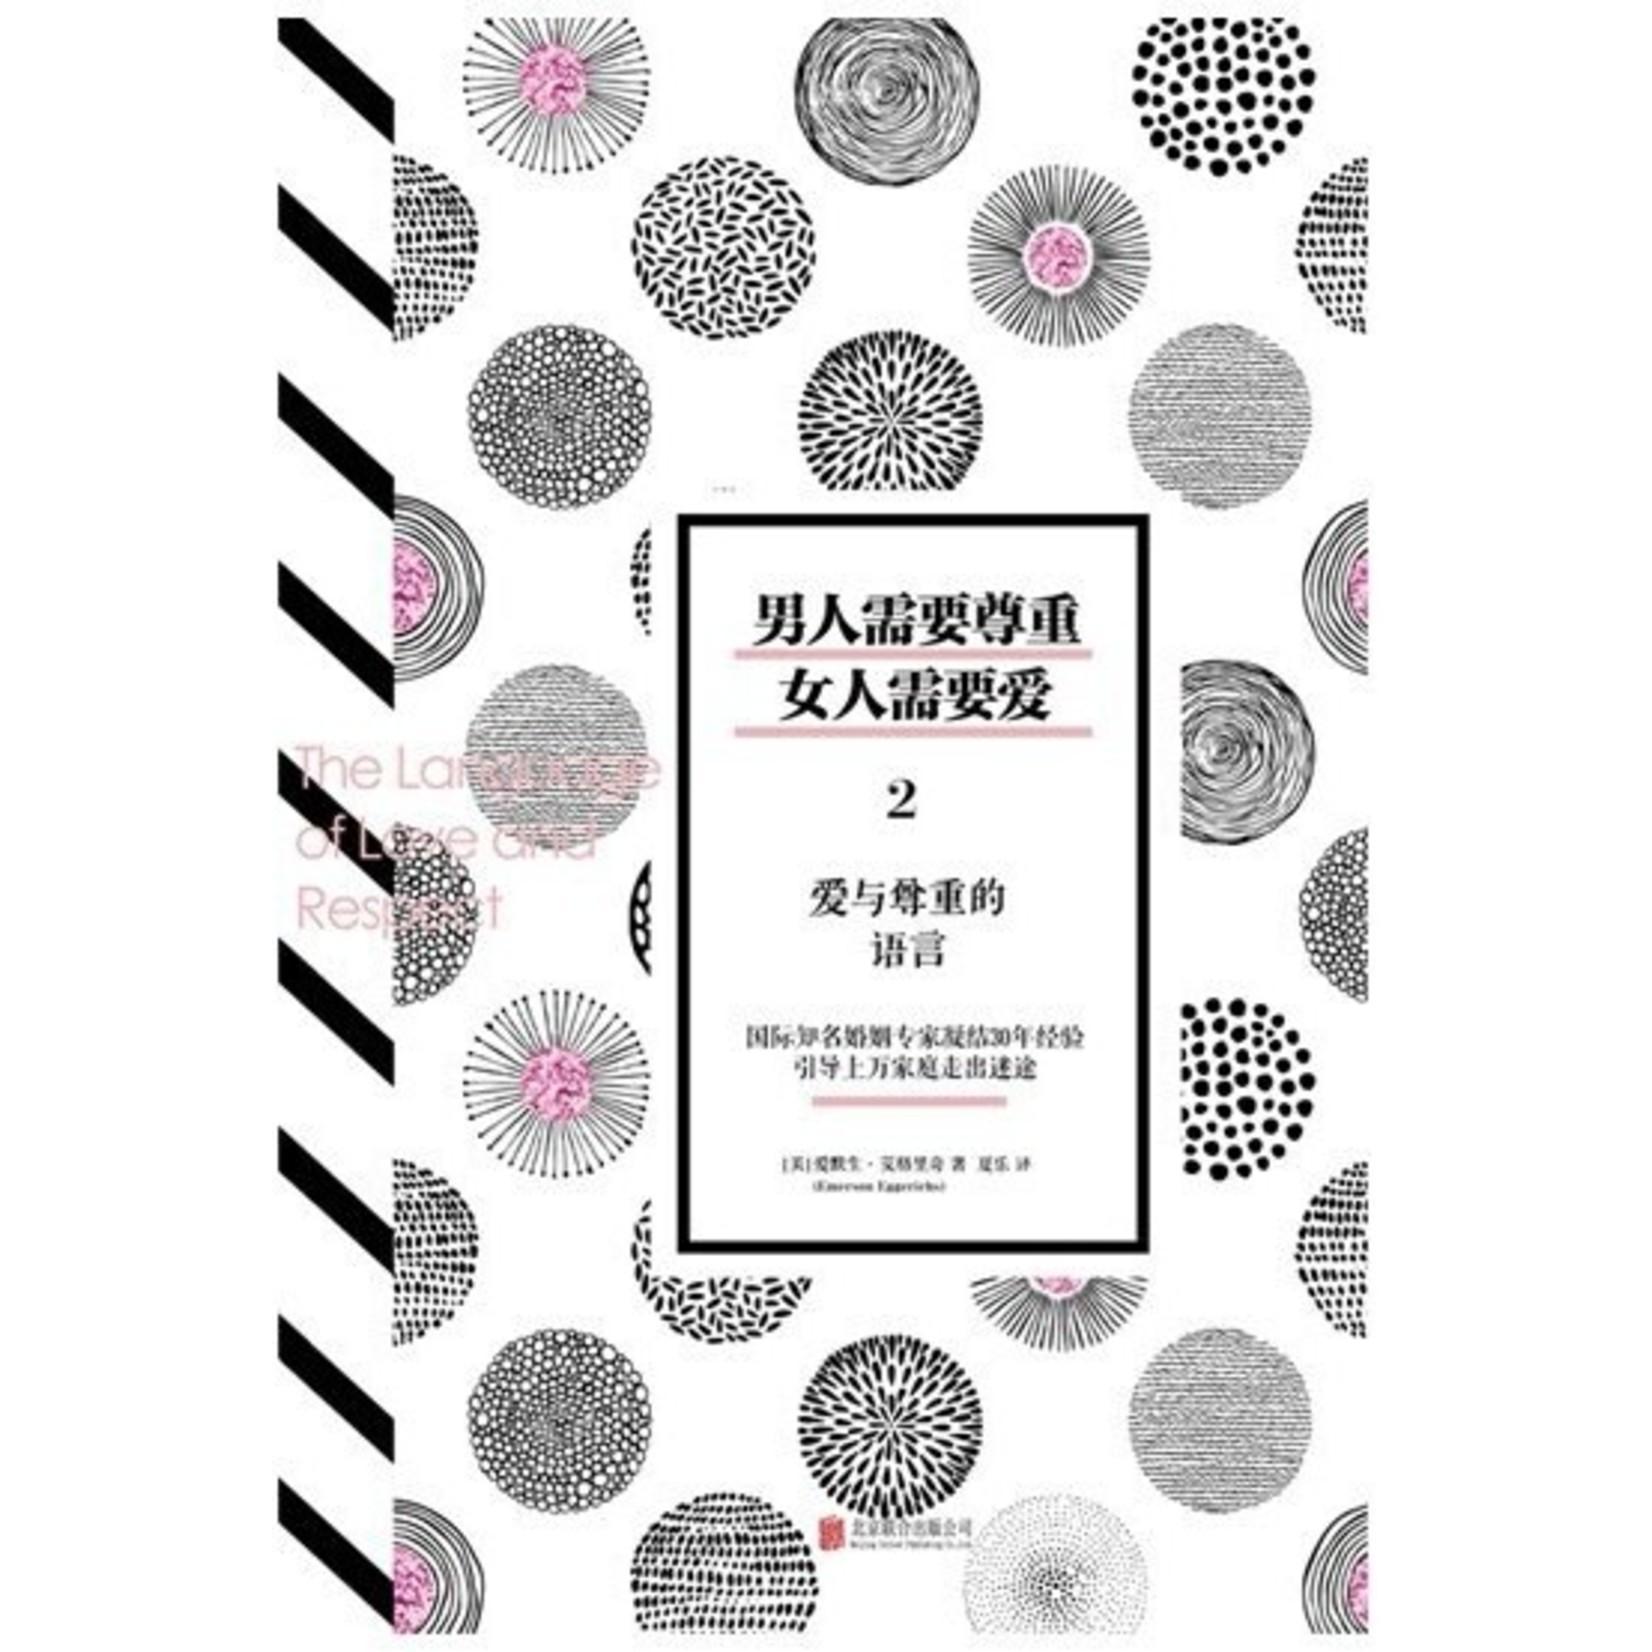 北京聯合出版公司 (CN) 男人需要尊重,女人需要爱2 : 爱与尊重的语言 The Language of Love and Respect